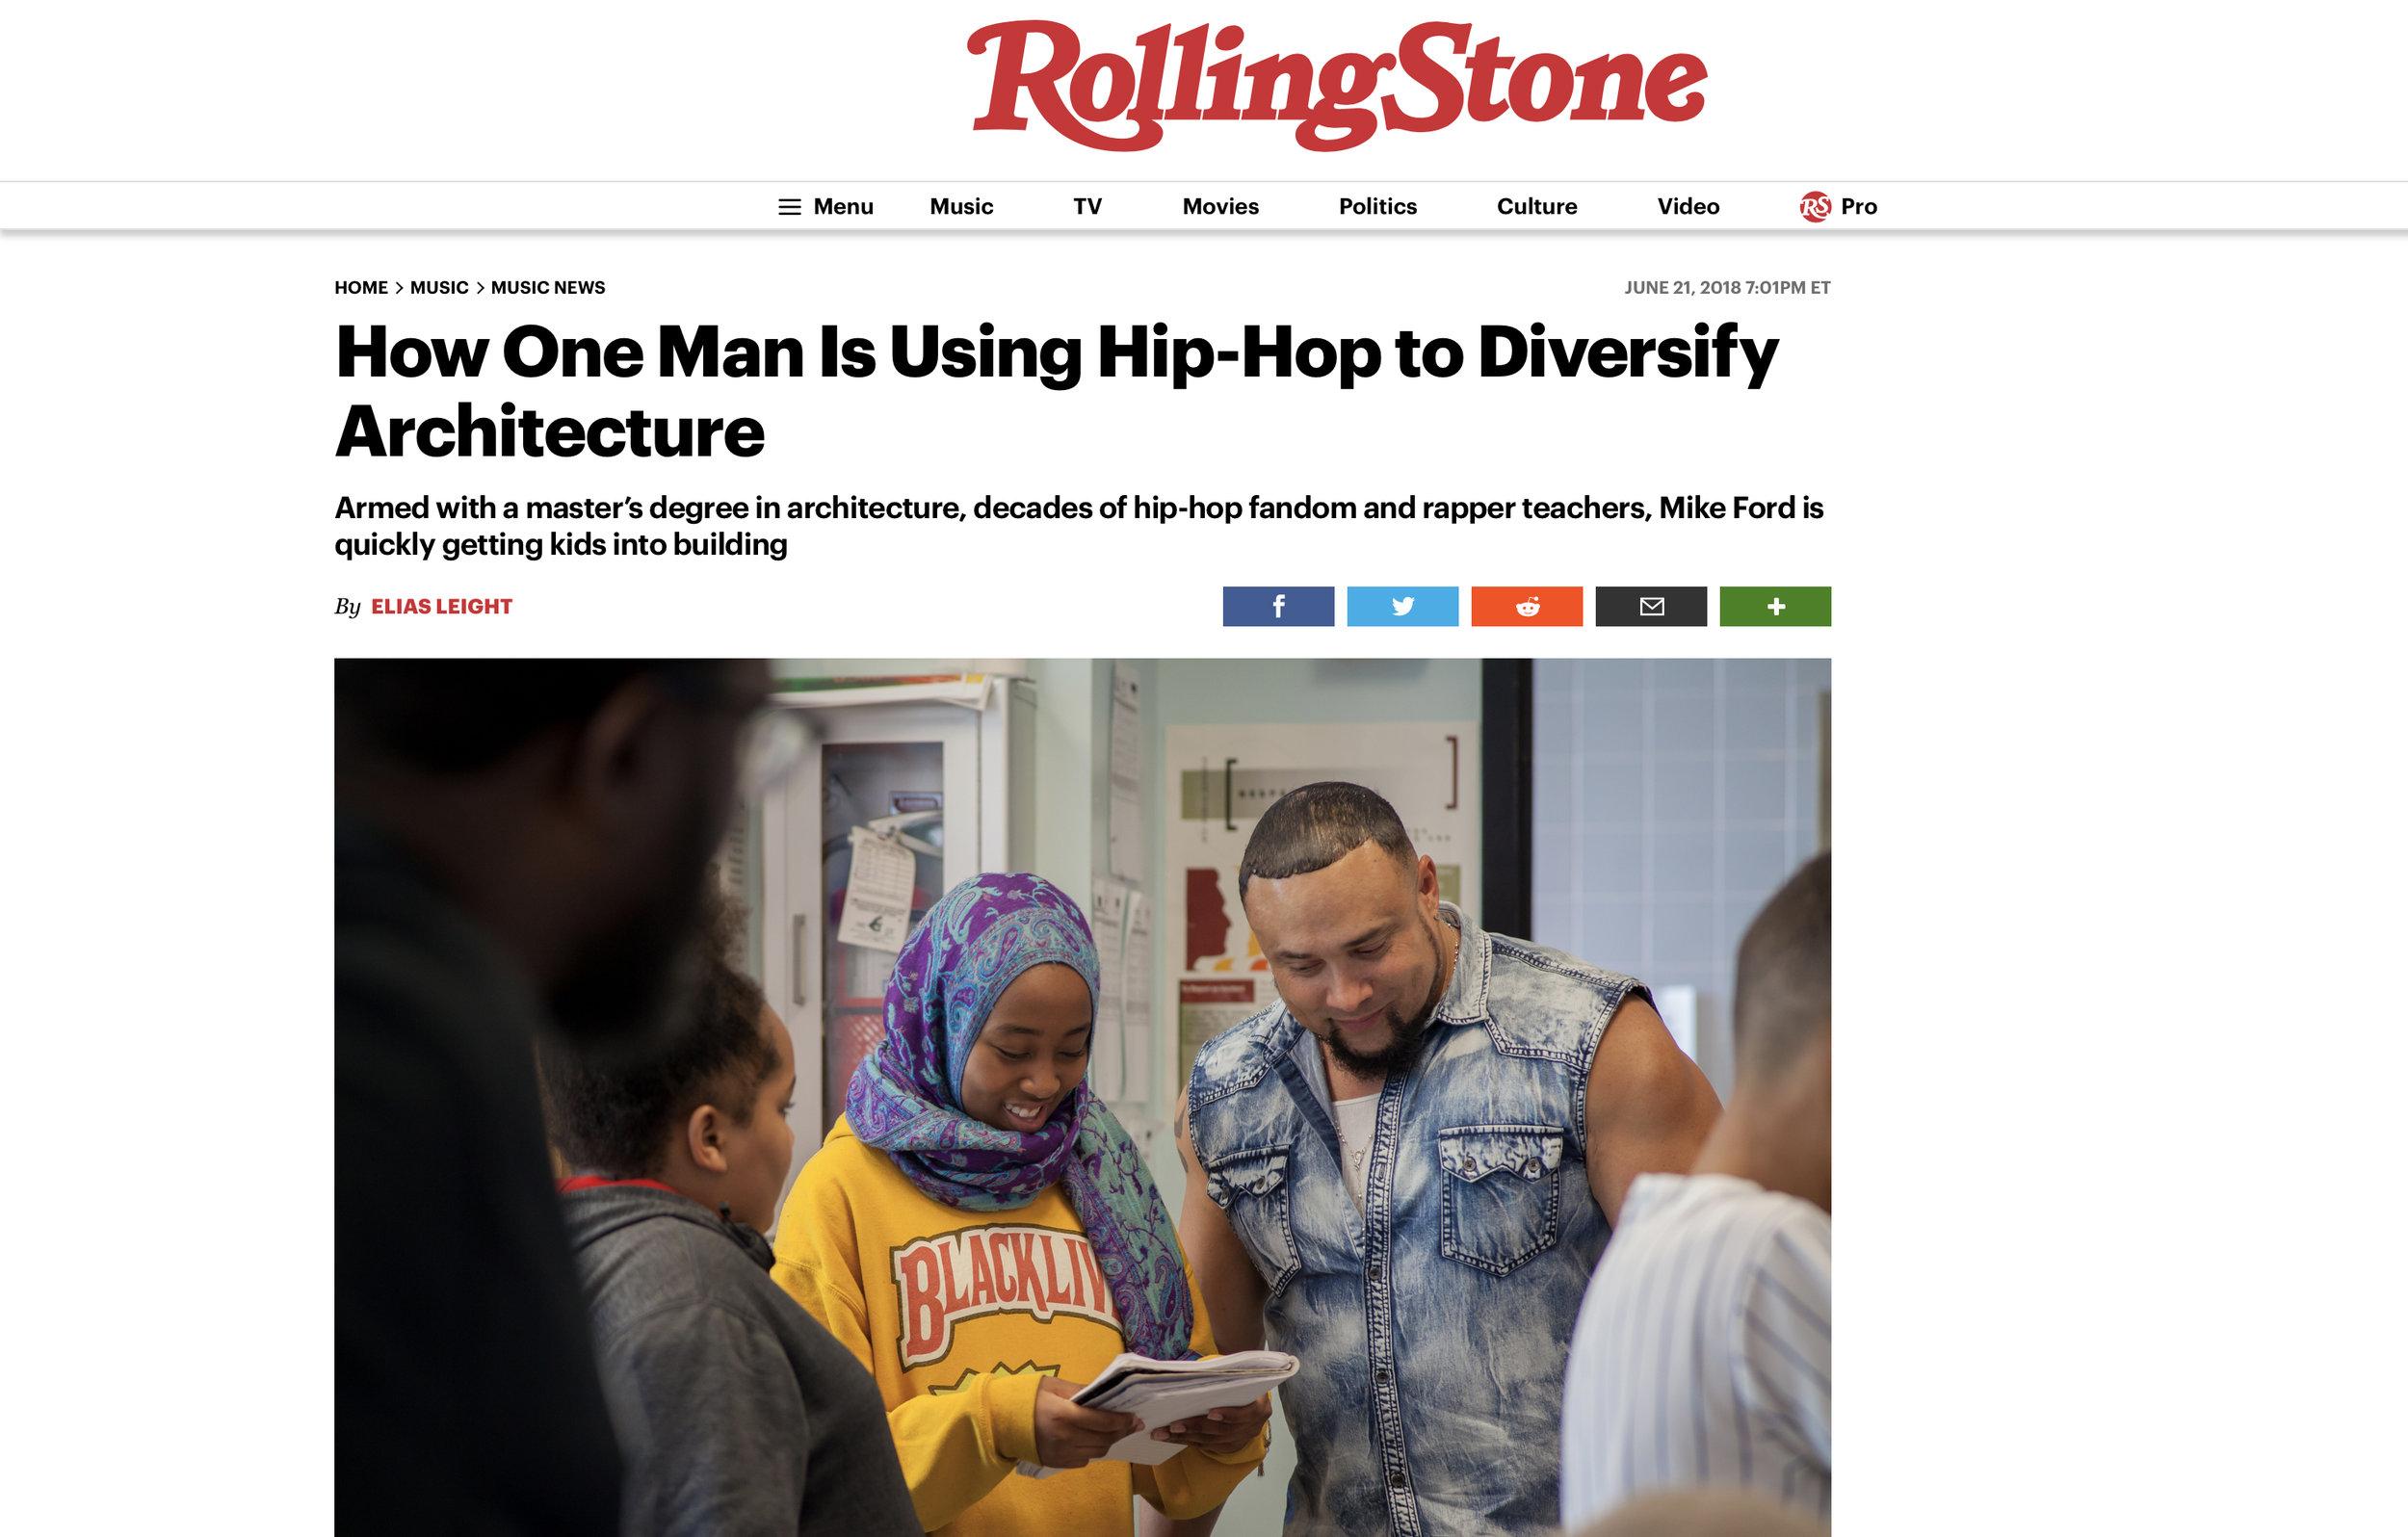 rollingstone_Article.jpg